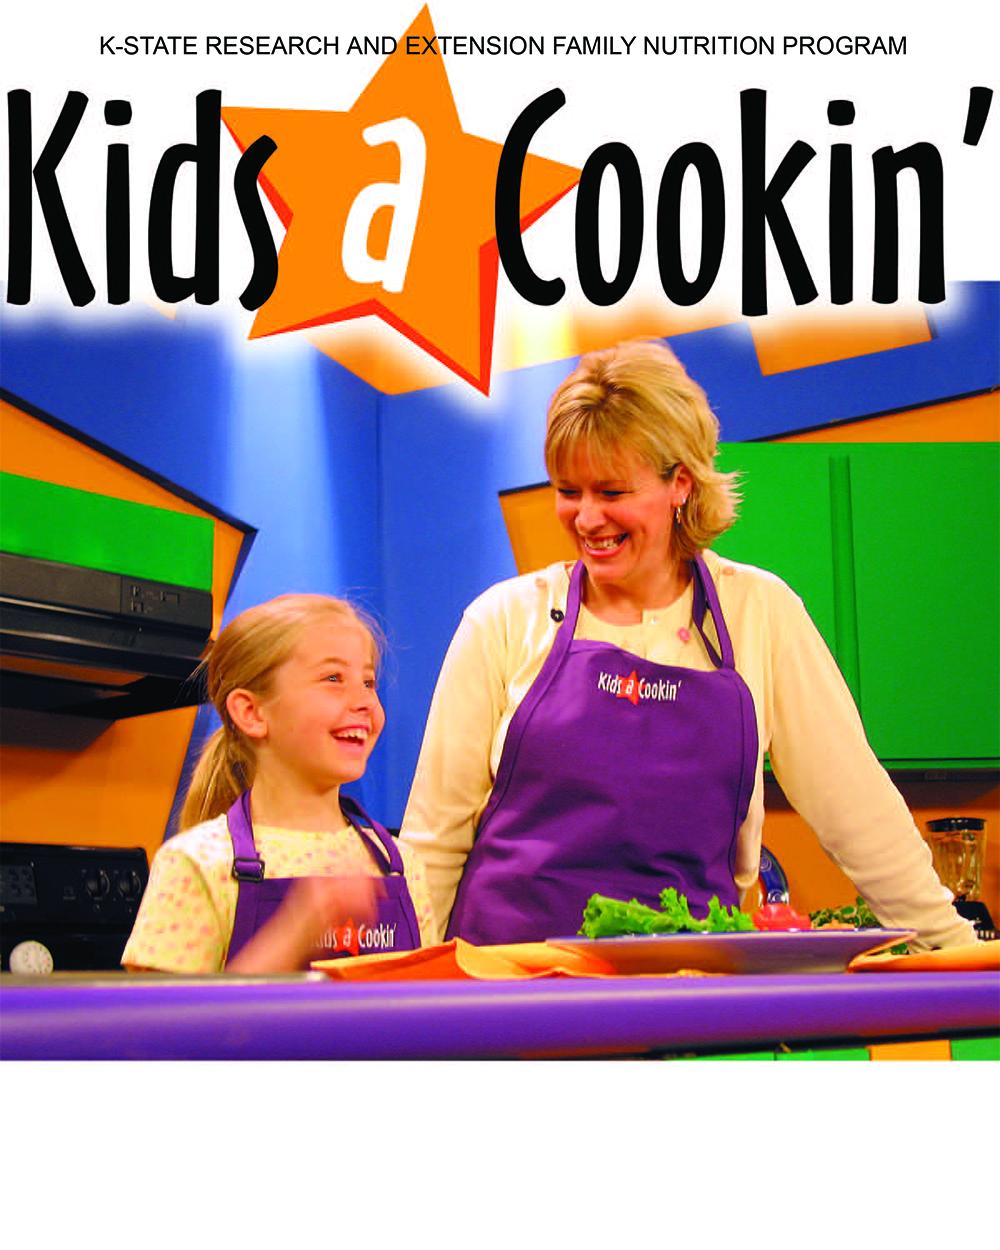 kidscookbookupdated32014-1